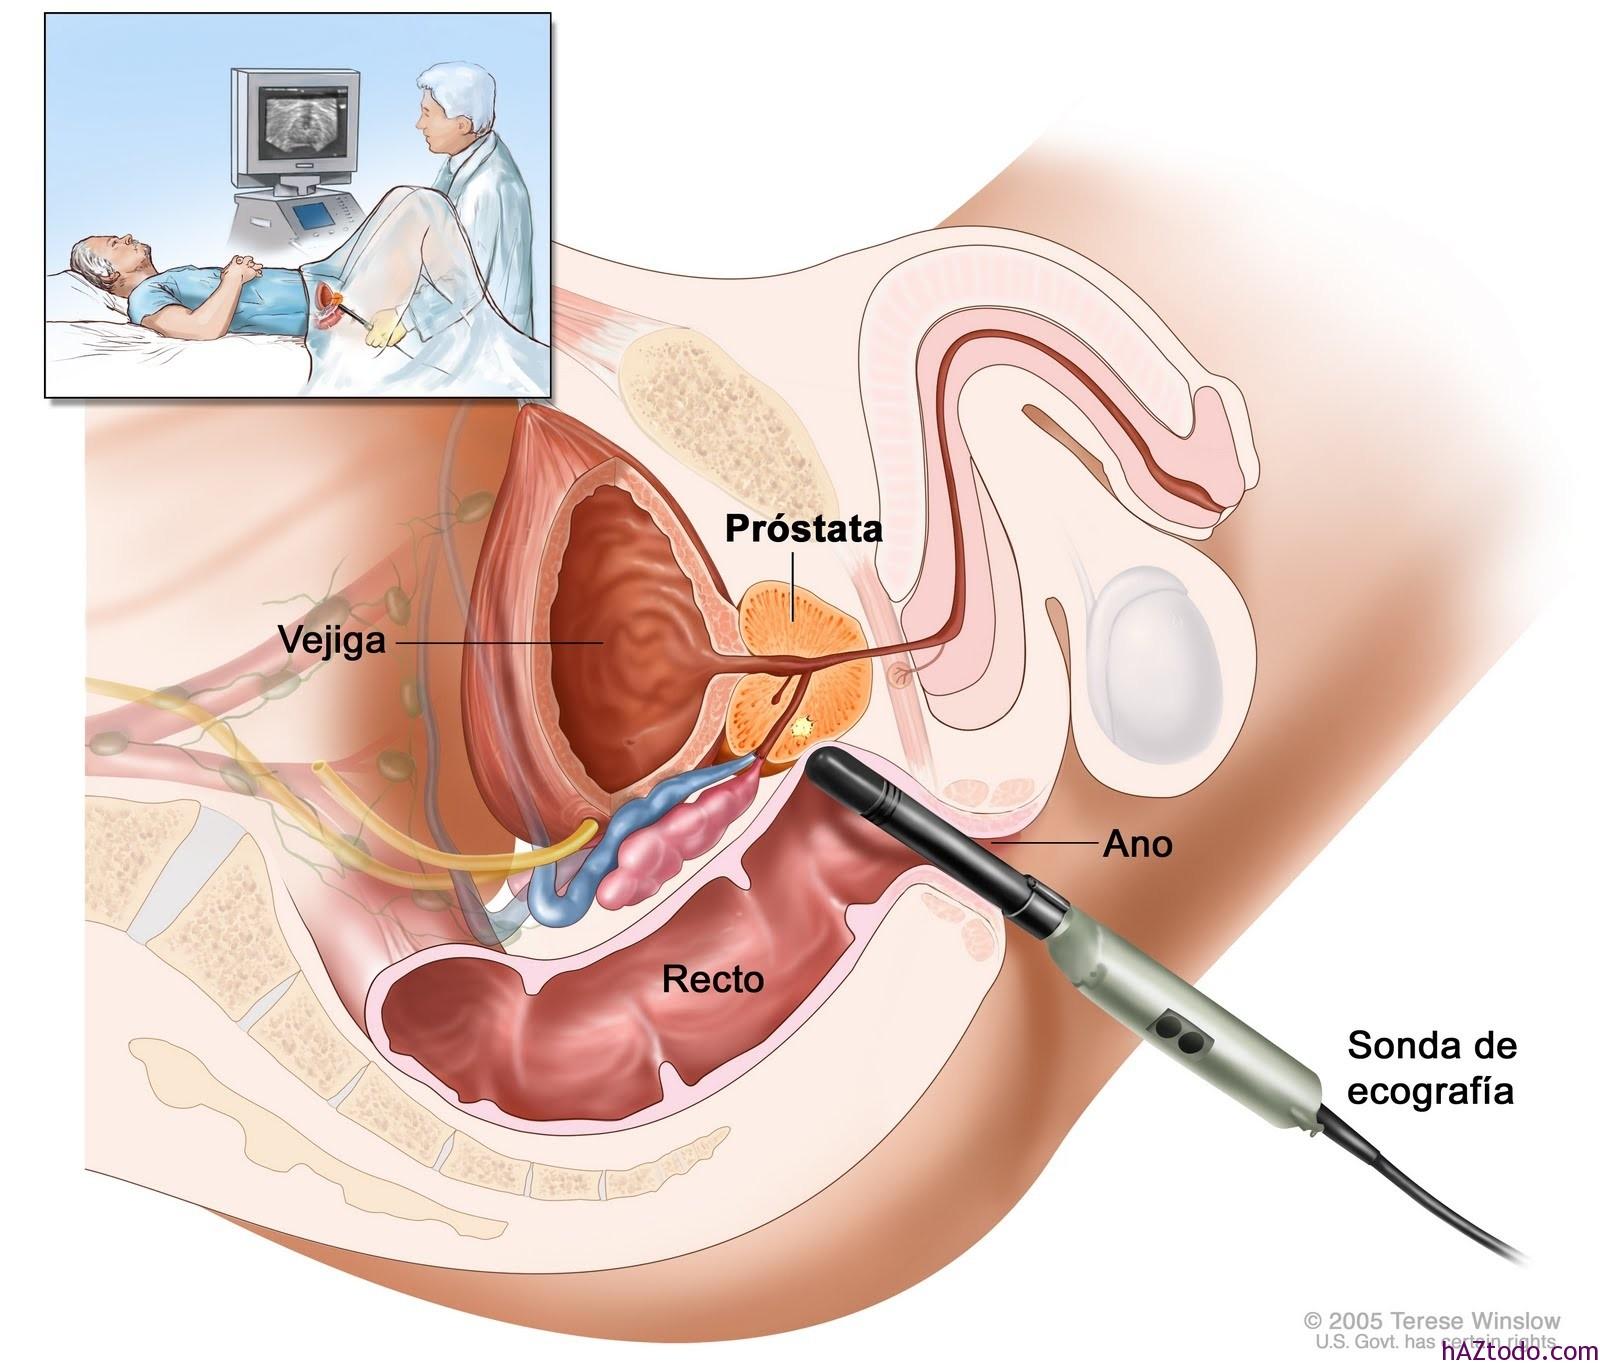 psa análisis de sangre de próstata alta 2020